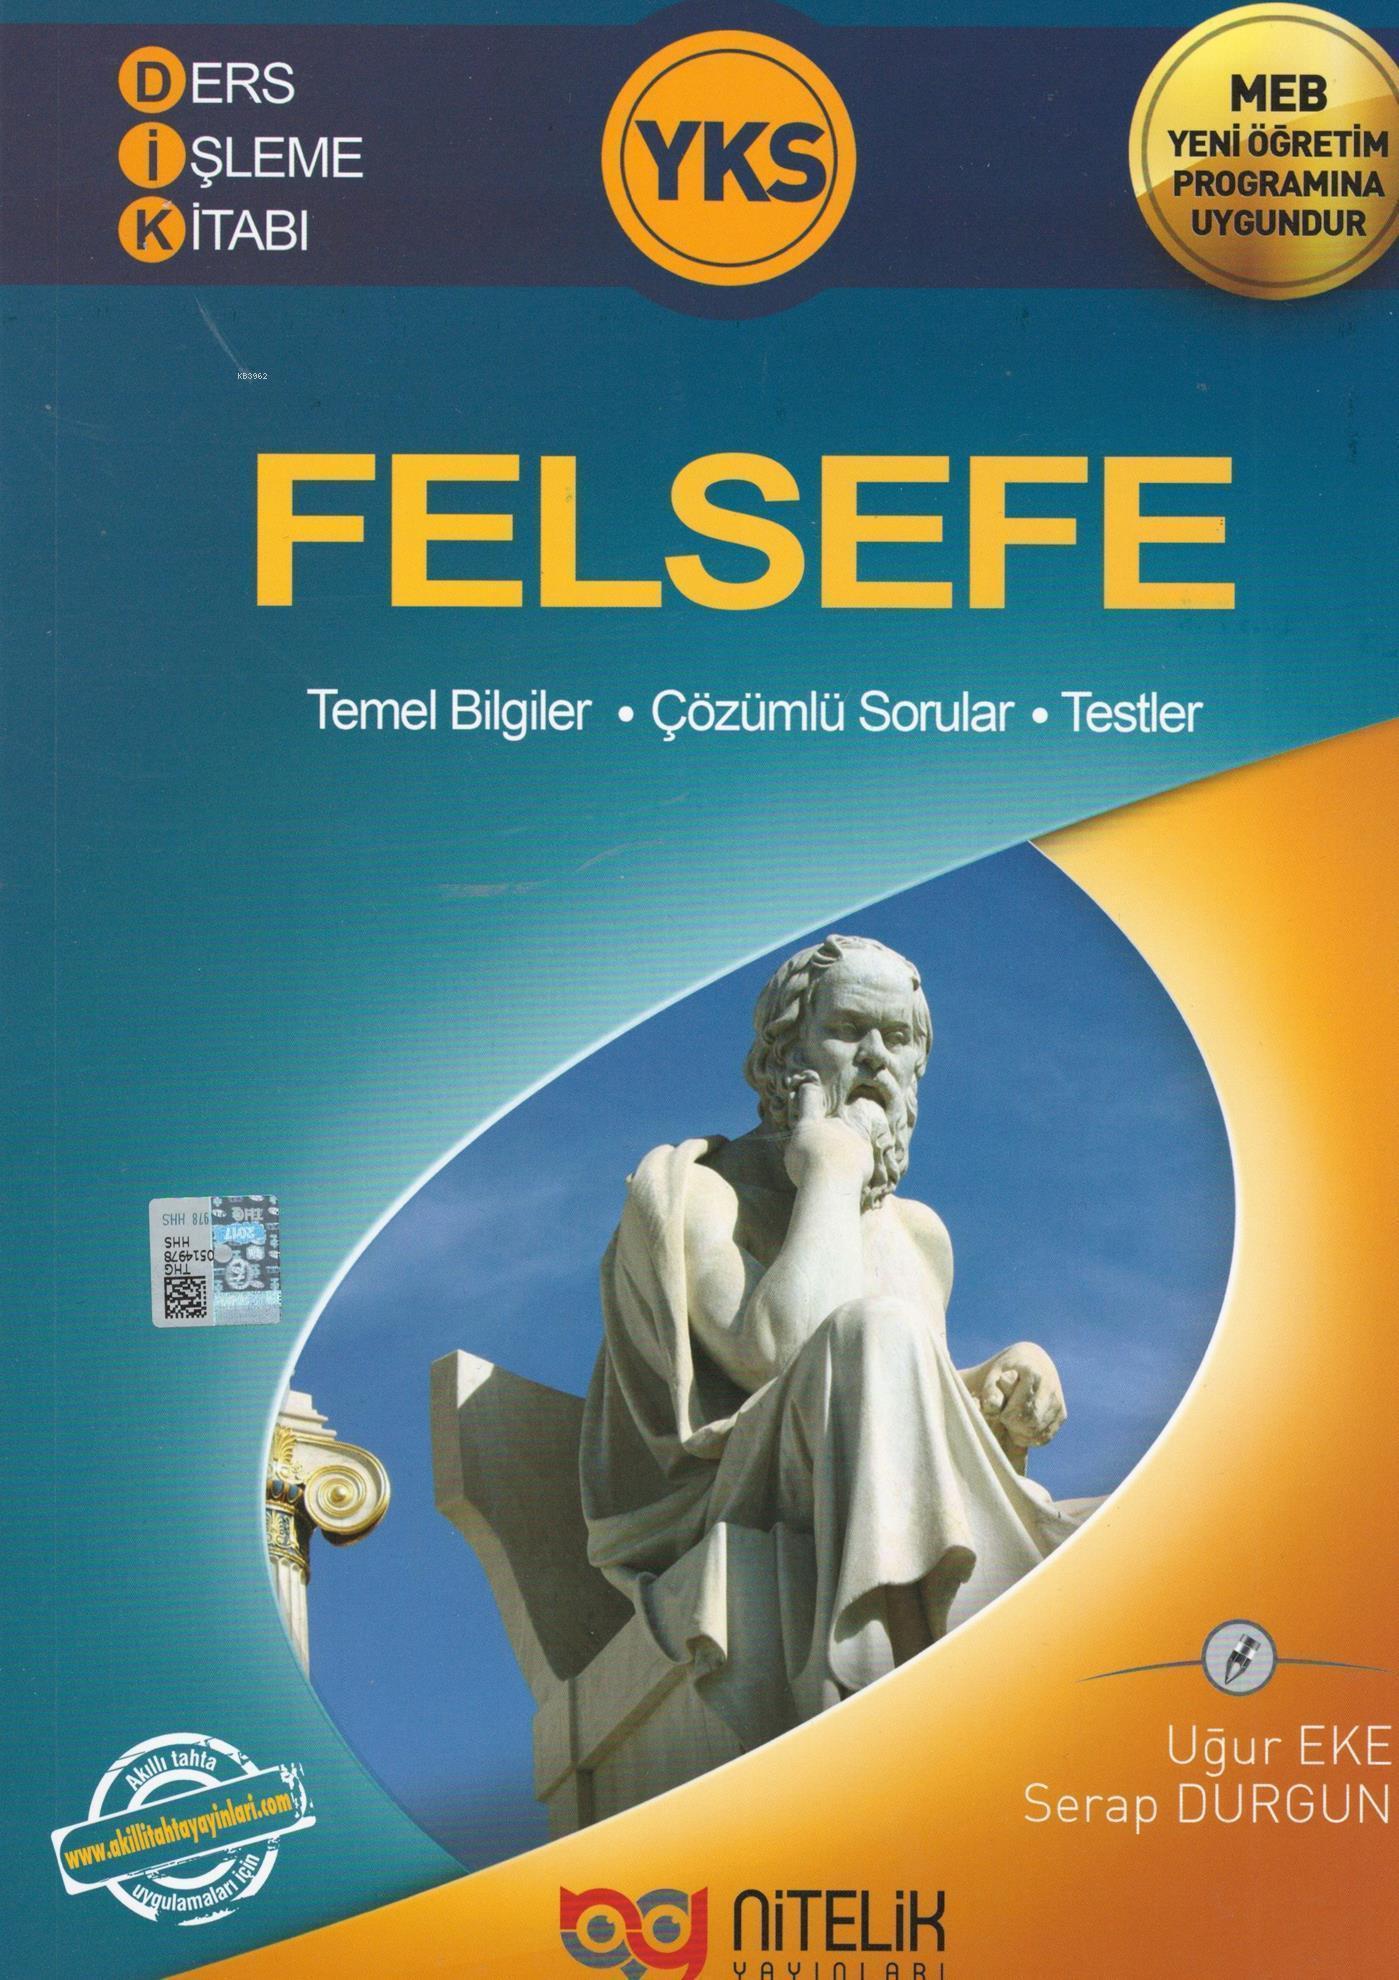 Nitelik Yayınları YKS Felsefe Ders İşleme Kitabı Nitelik